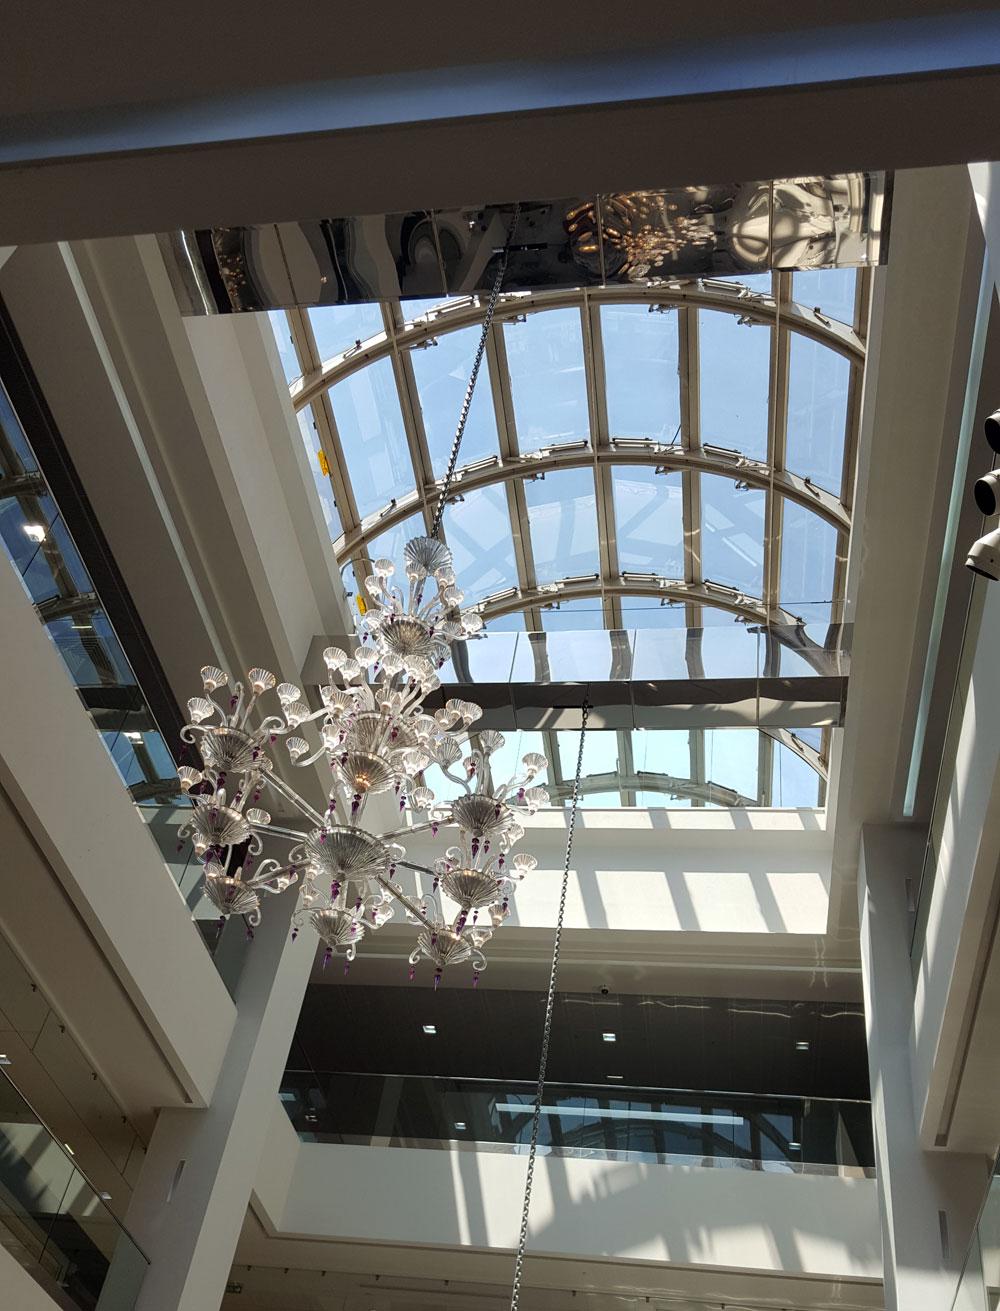 Glasdach mit Kronleuchter im Einkaufzentrum Nice Étoile in der Avenue Jean Médecin